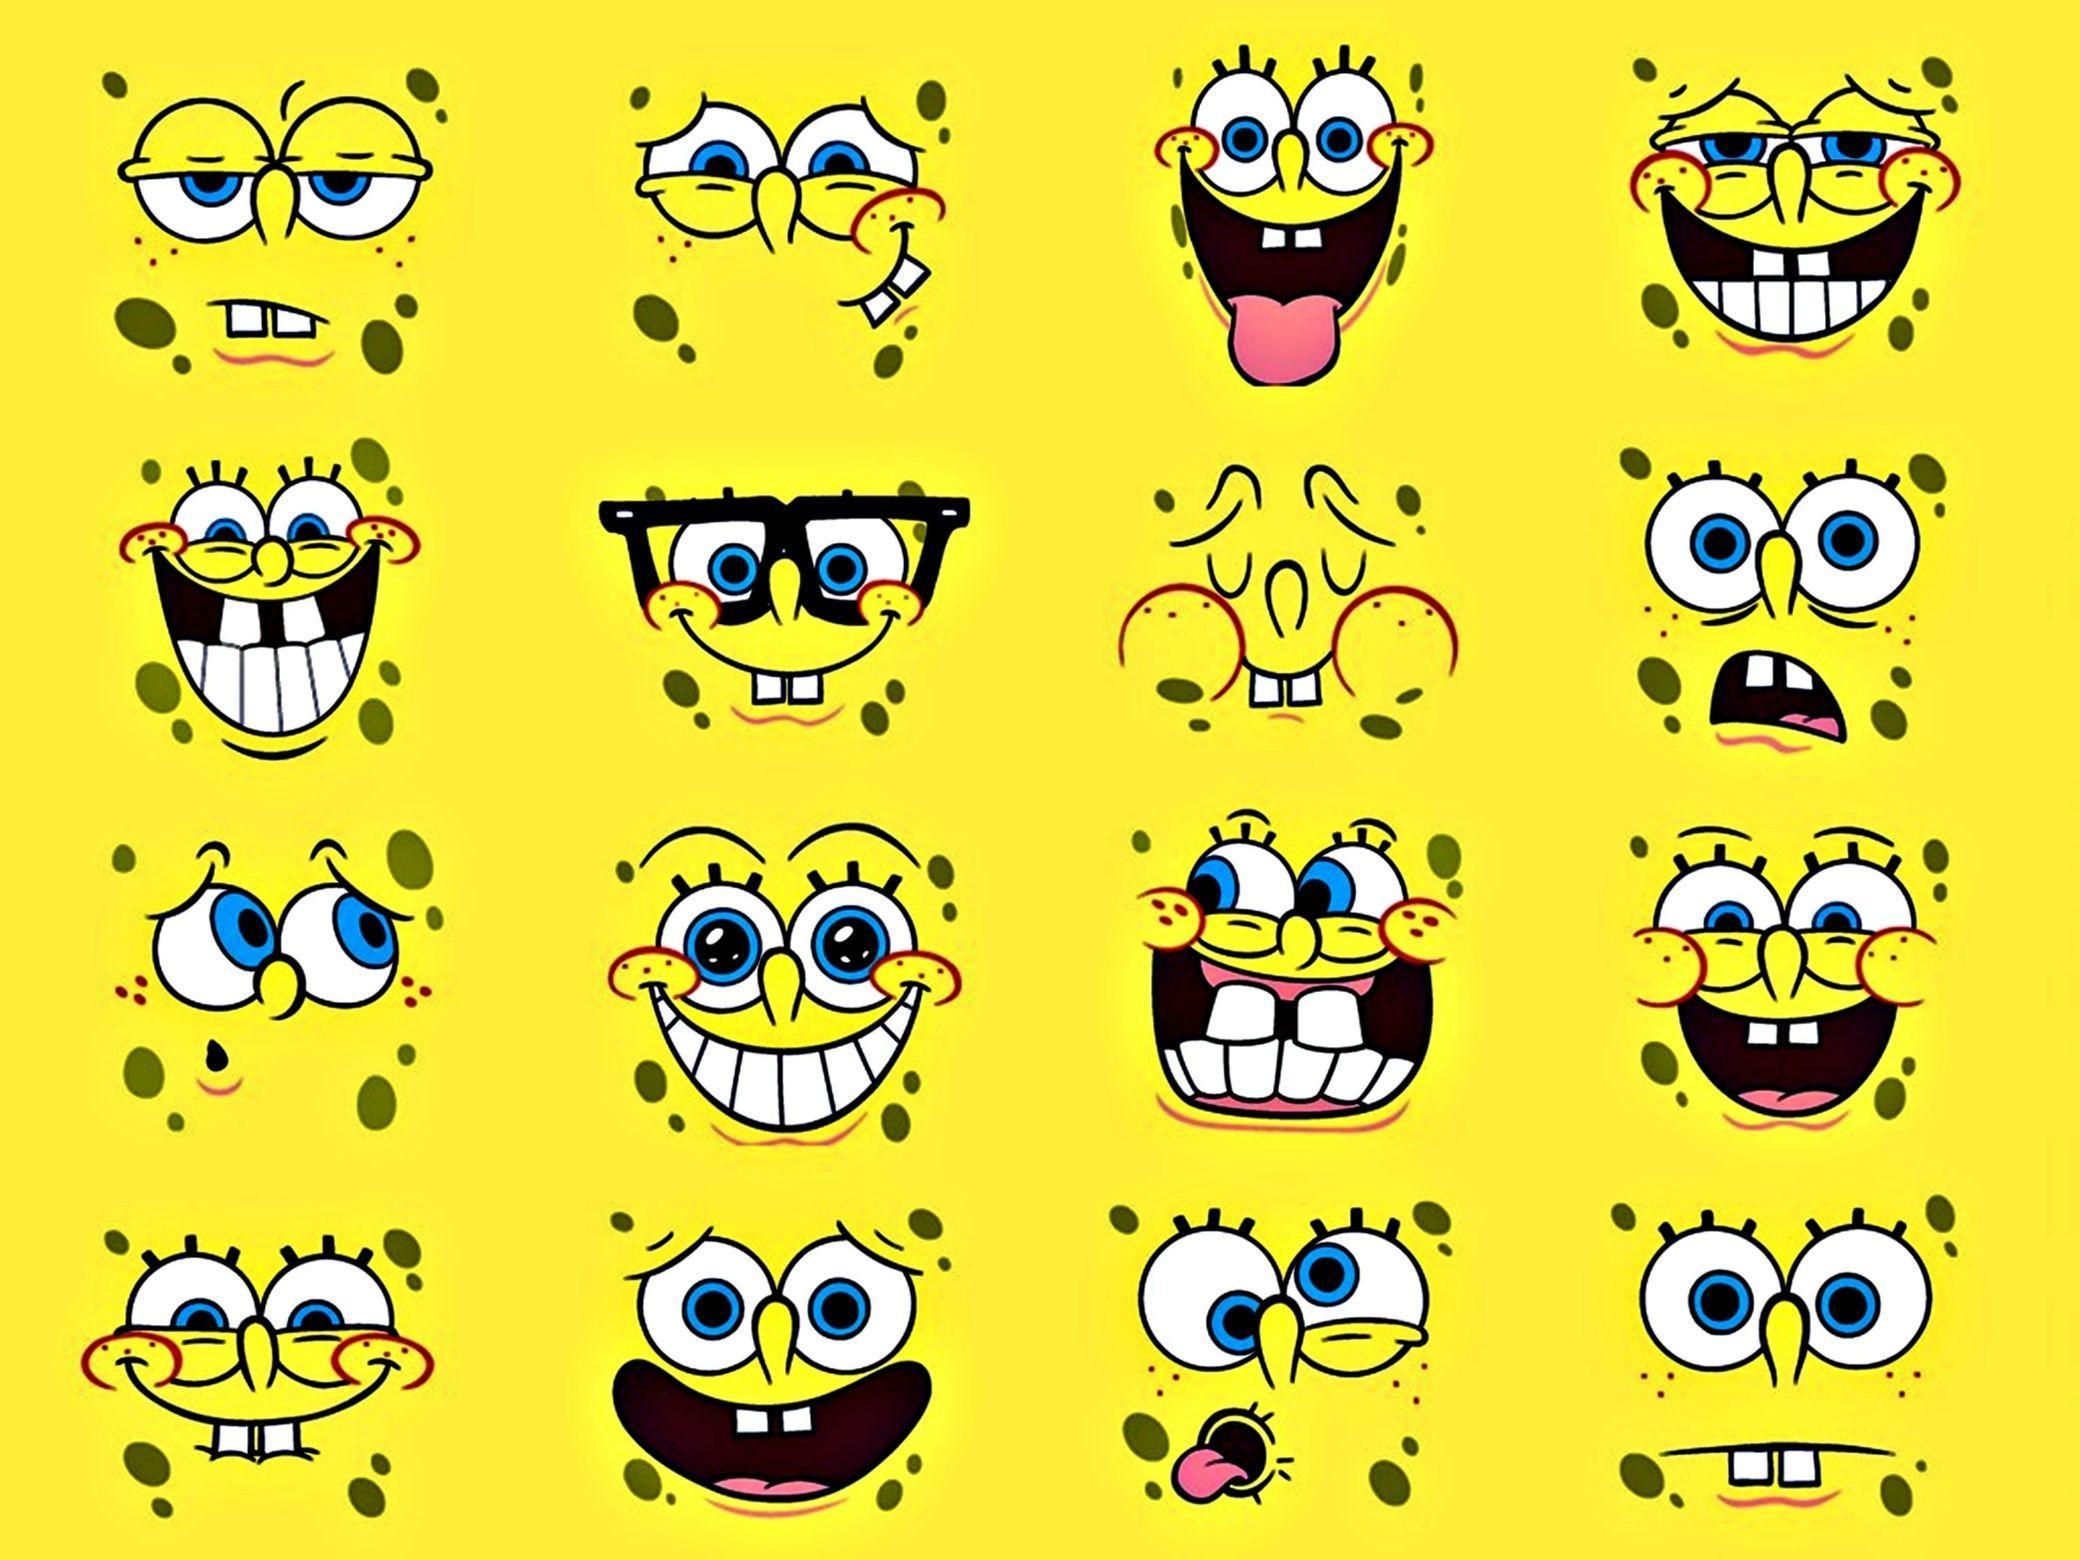 2080x1560 Spongebob hình nền (24)